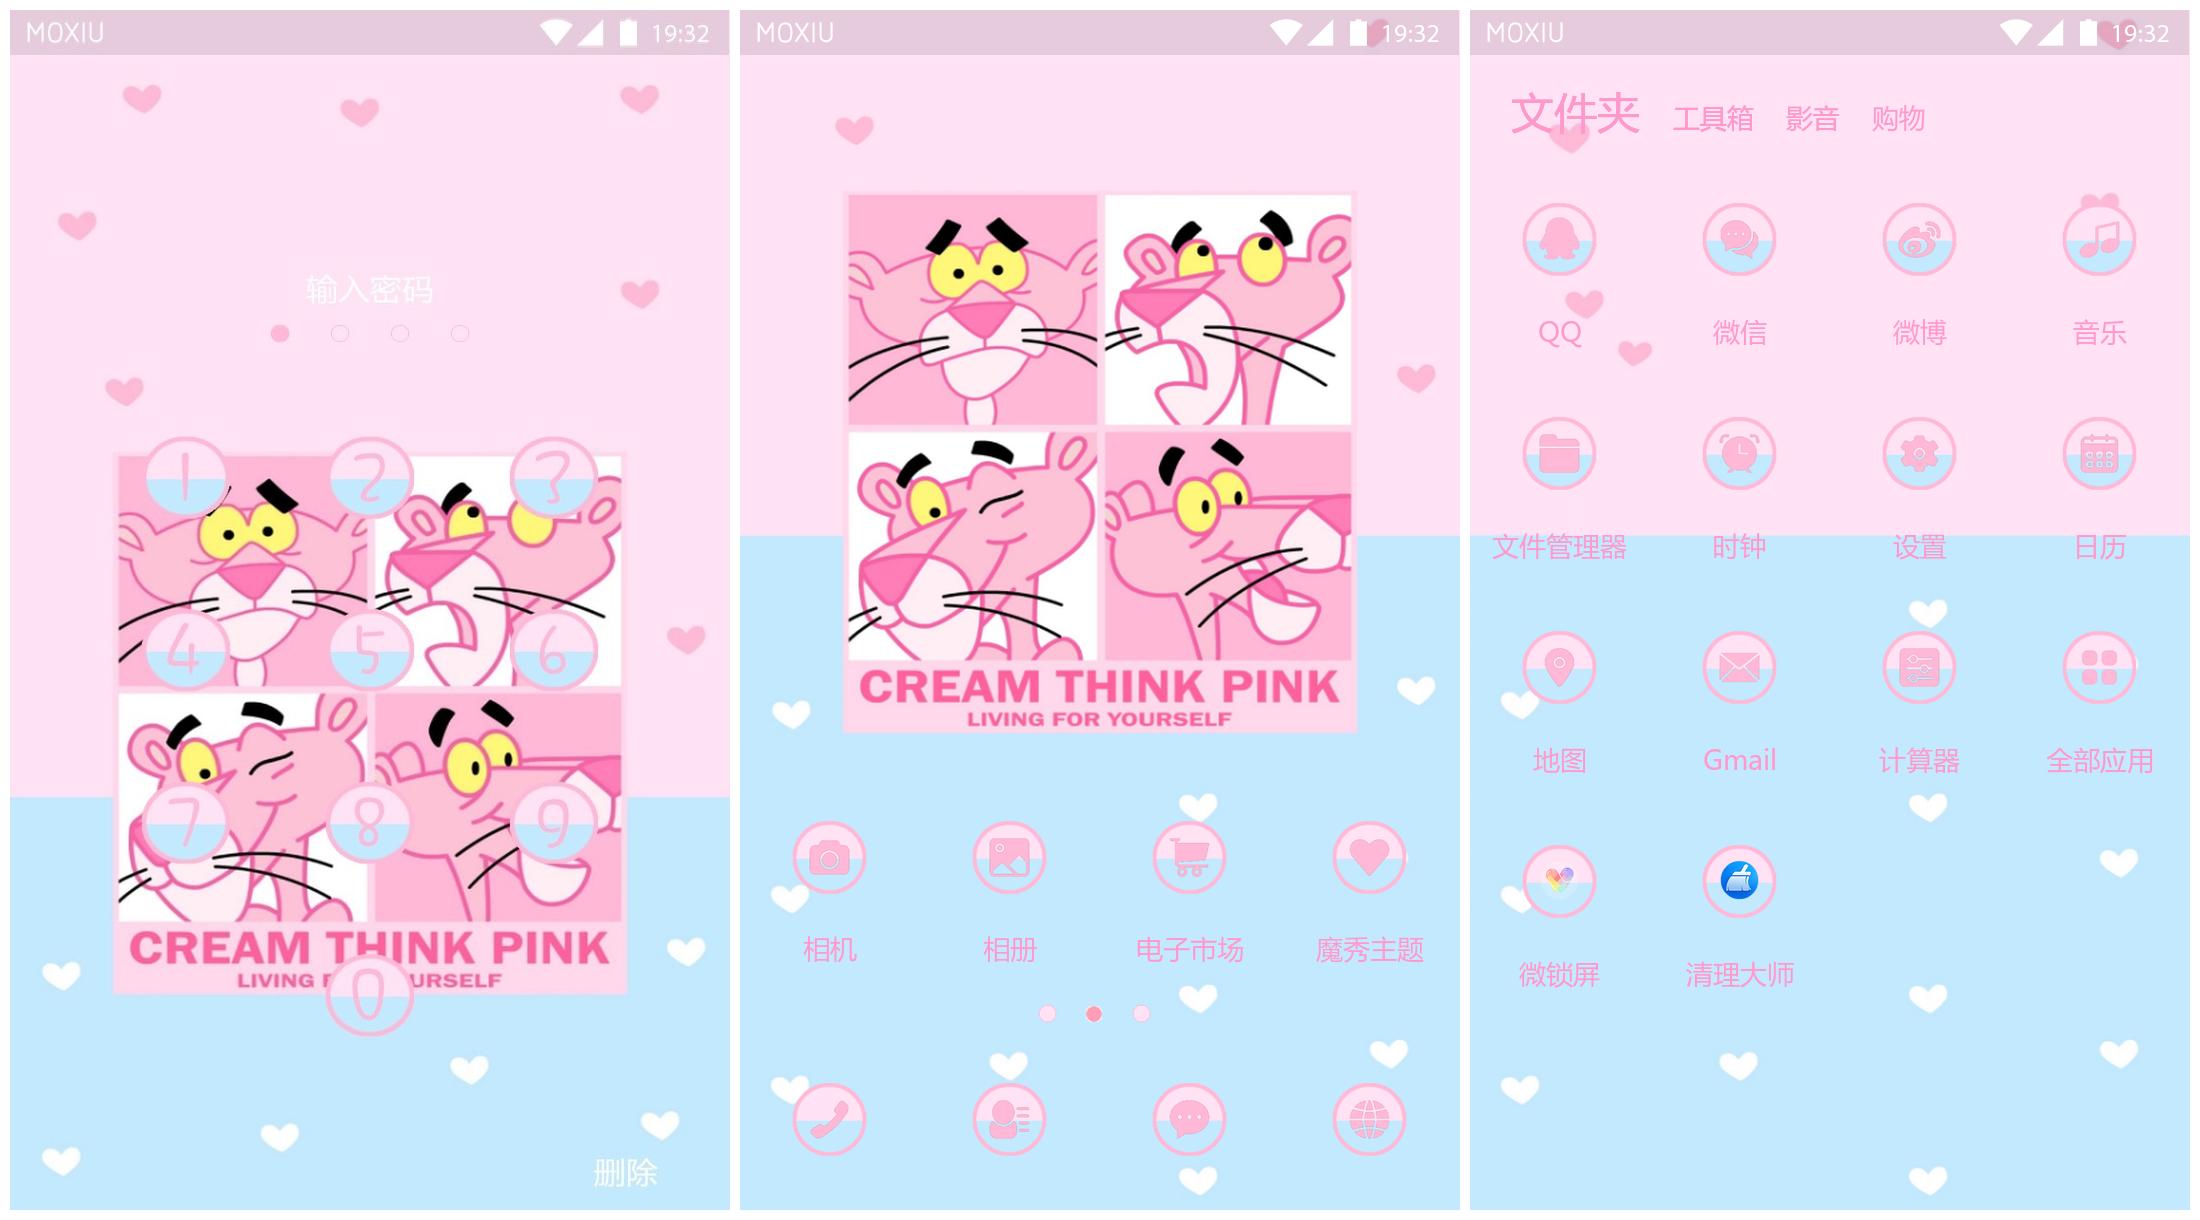 粉红豹手机主题,动漫手机主题,二次元手机主题